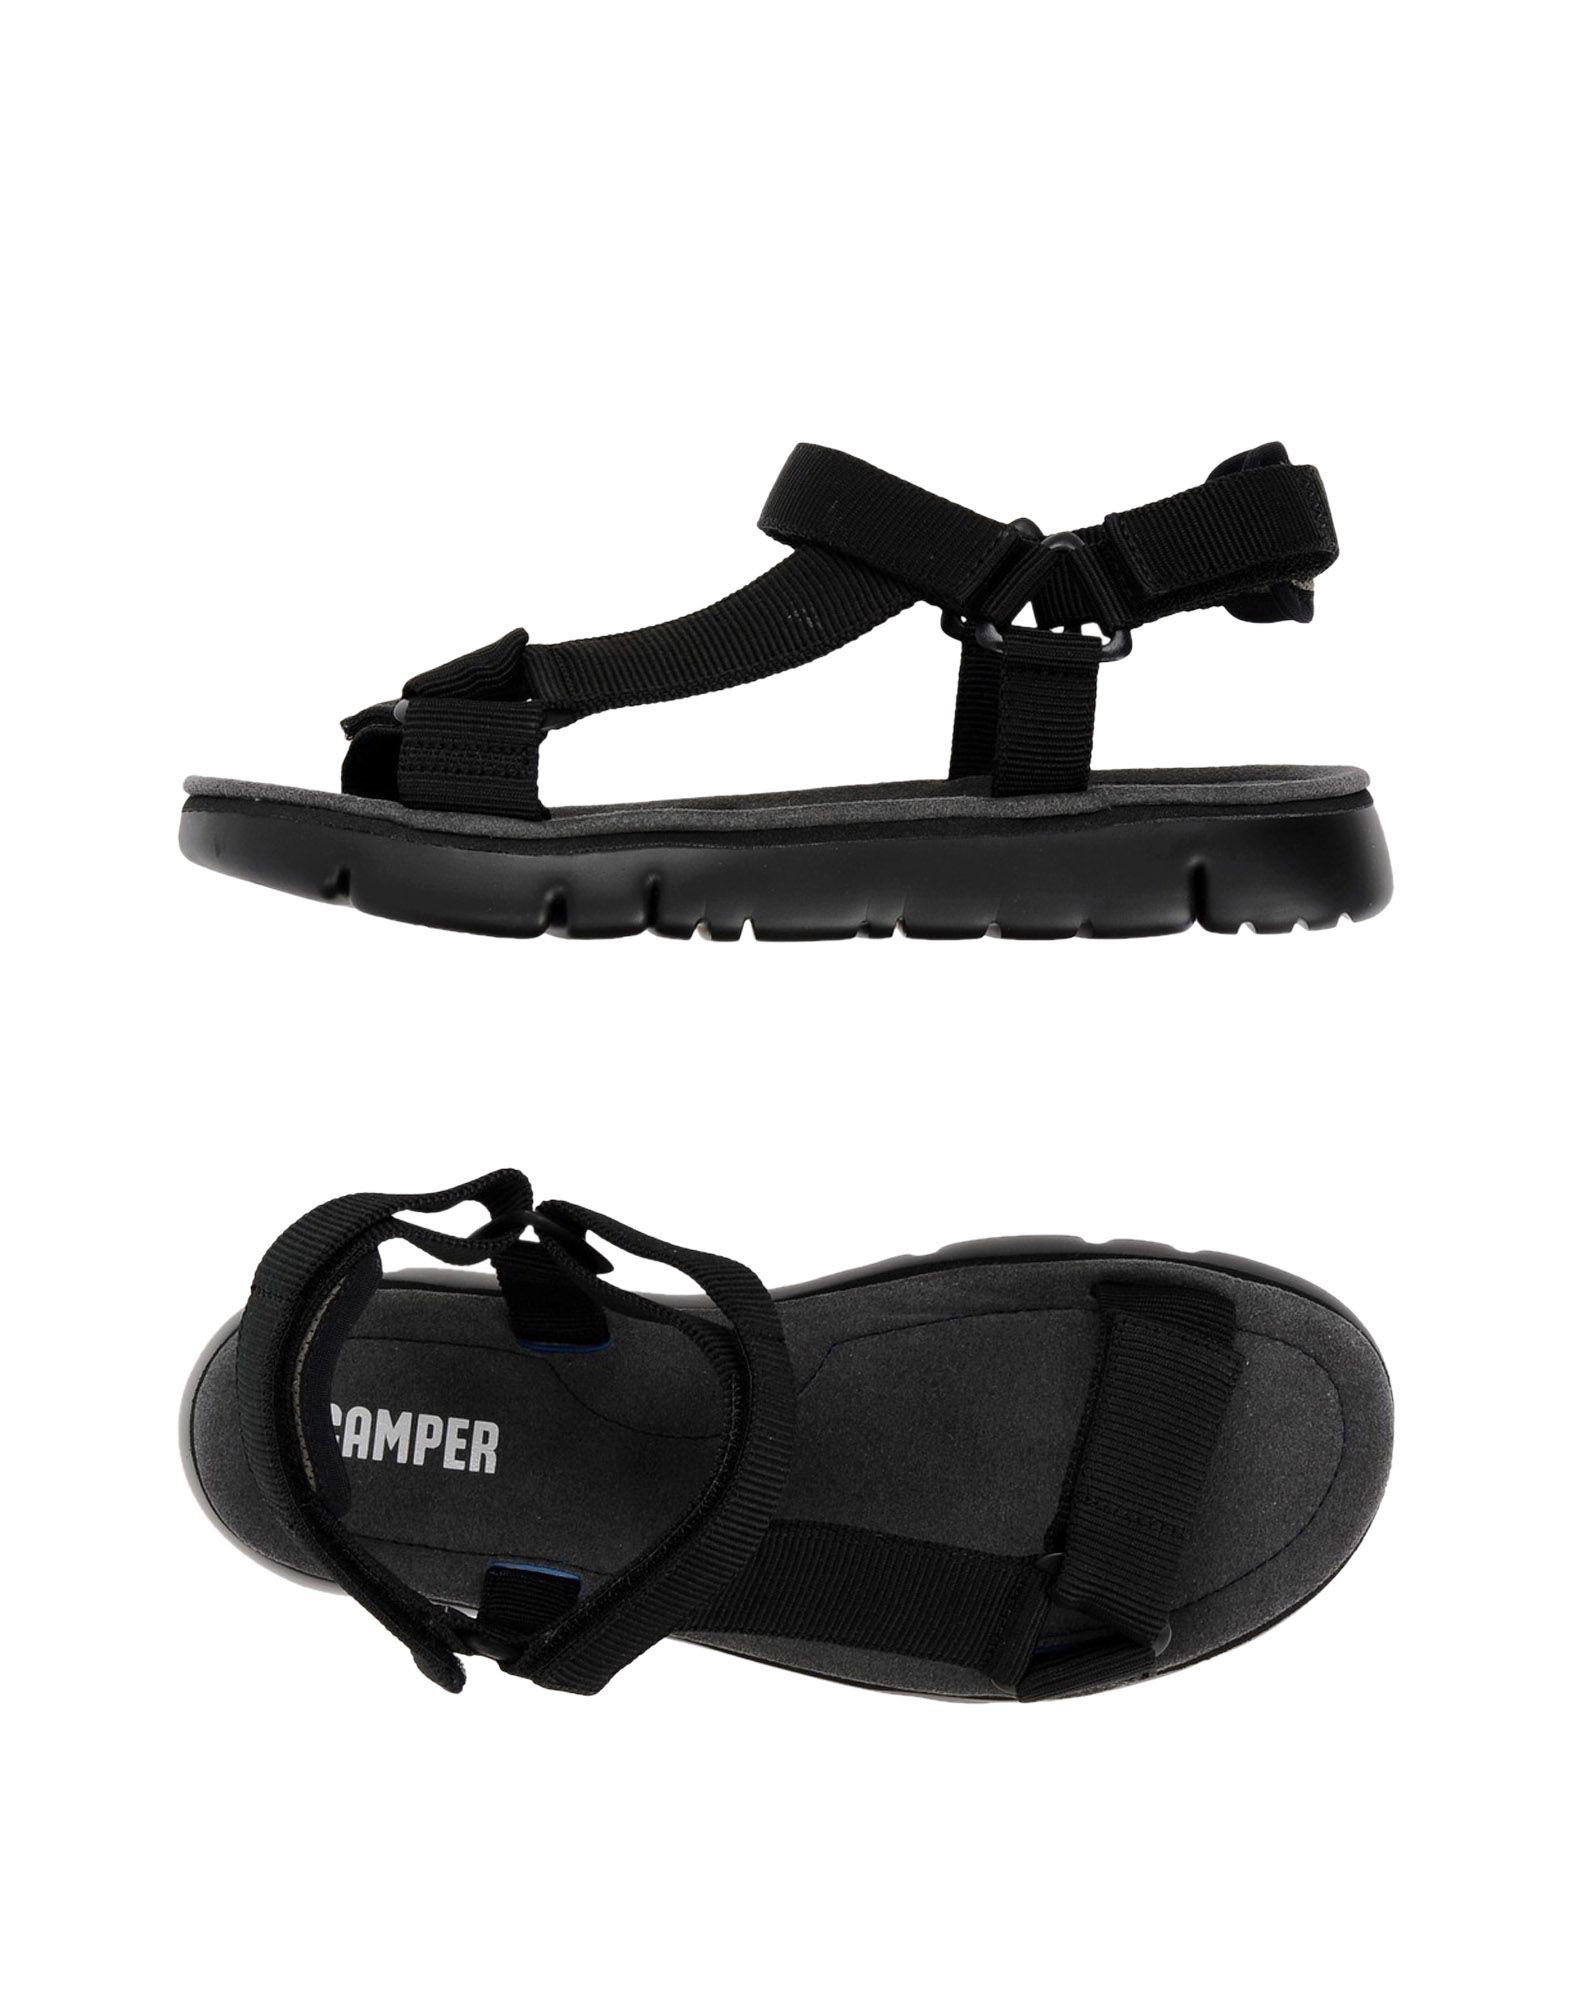 Sandales Camper Oruga Sandal - Femme - Sandales Camper sur